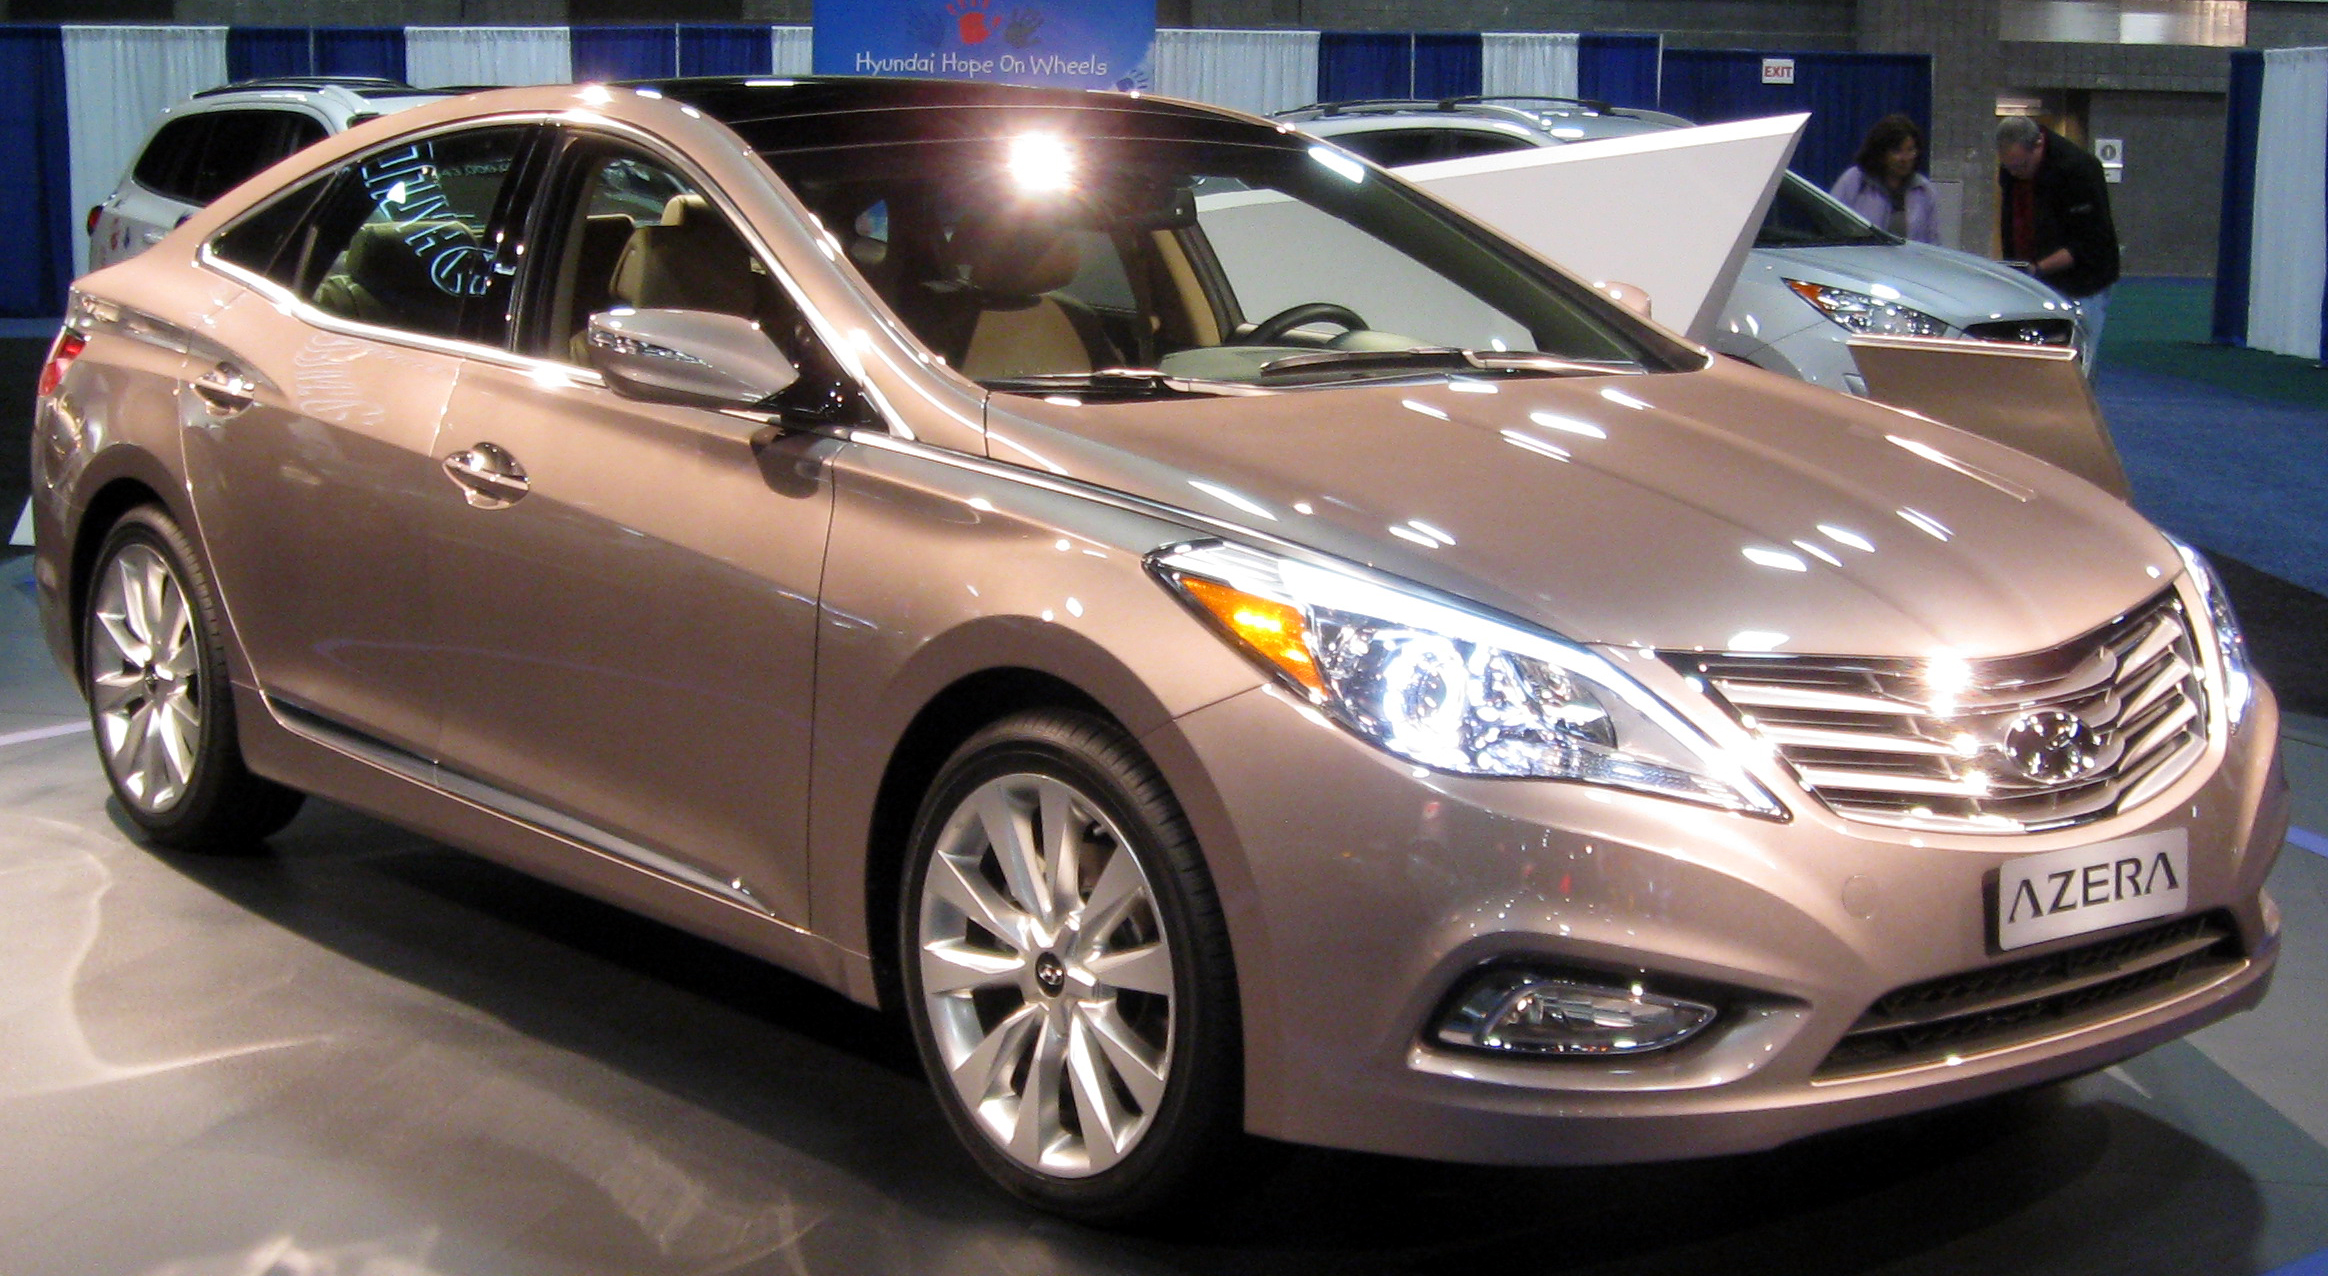 File 2013 Hyundai Azera 2012 Dc Jpg Wikipedia